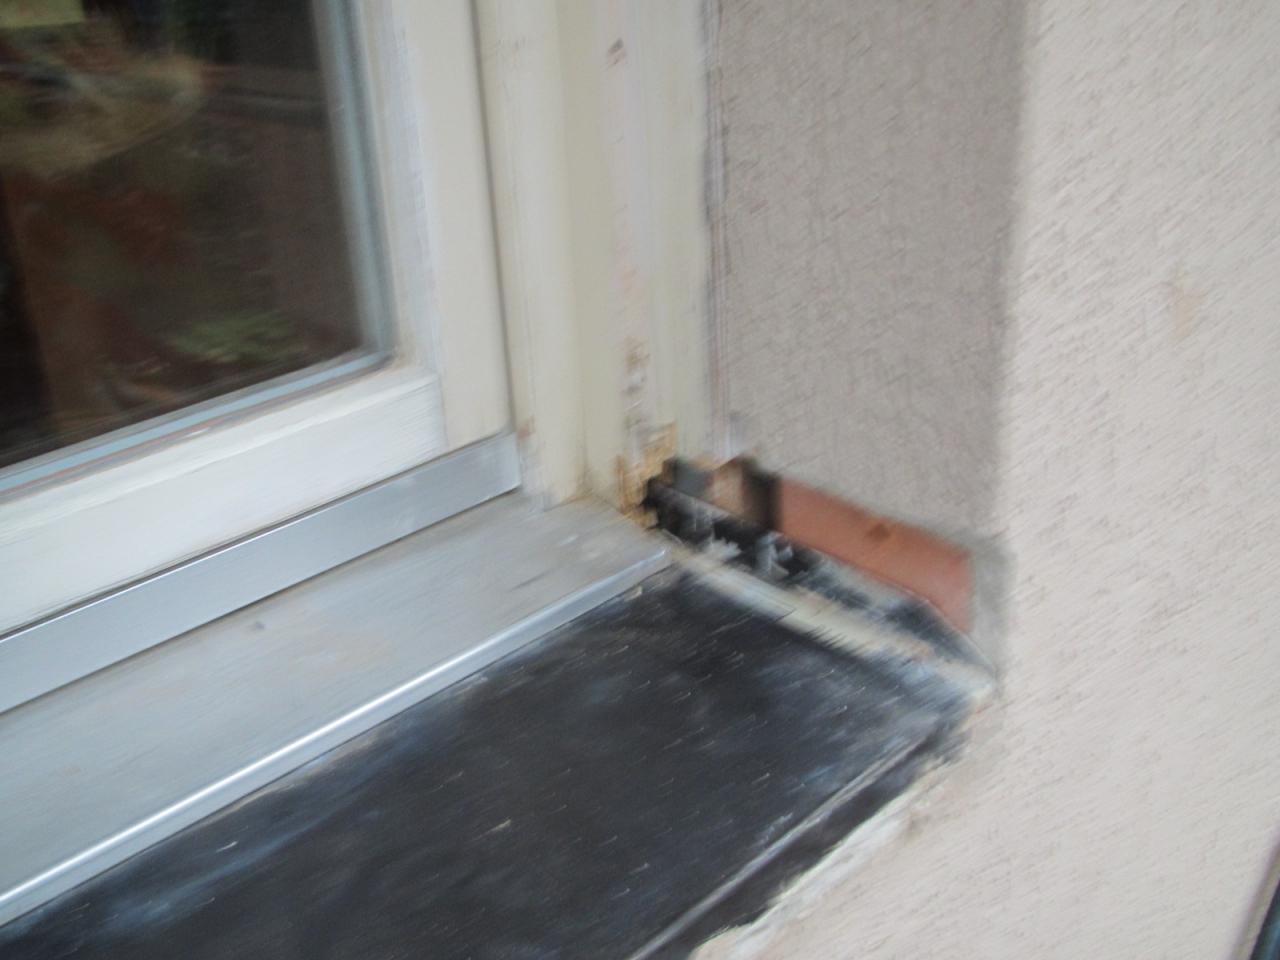 Top Fensterbänke entfernen für den Einbau neuer Fenster - Bauanleitung GE94